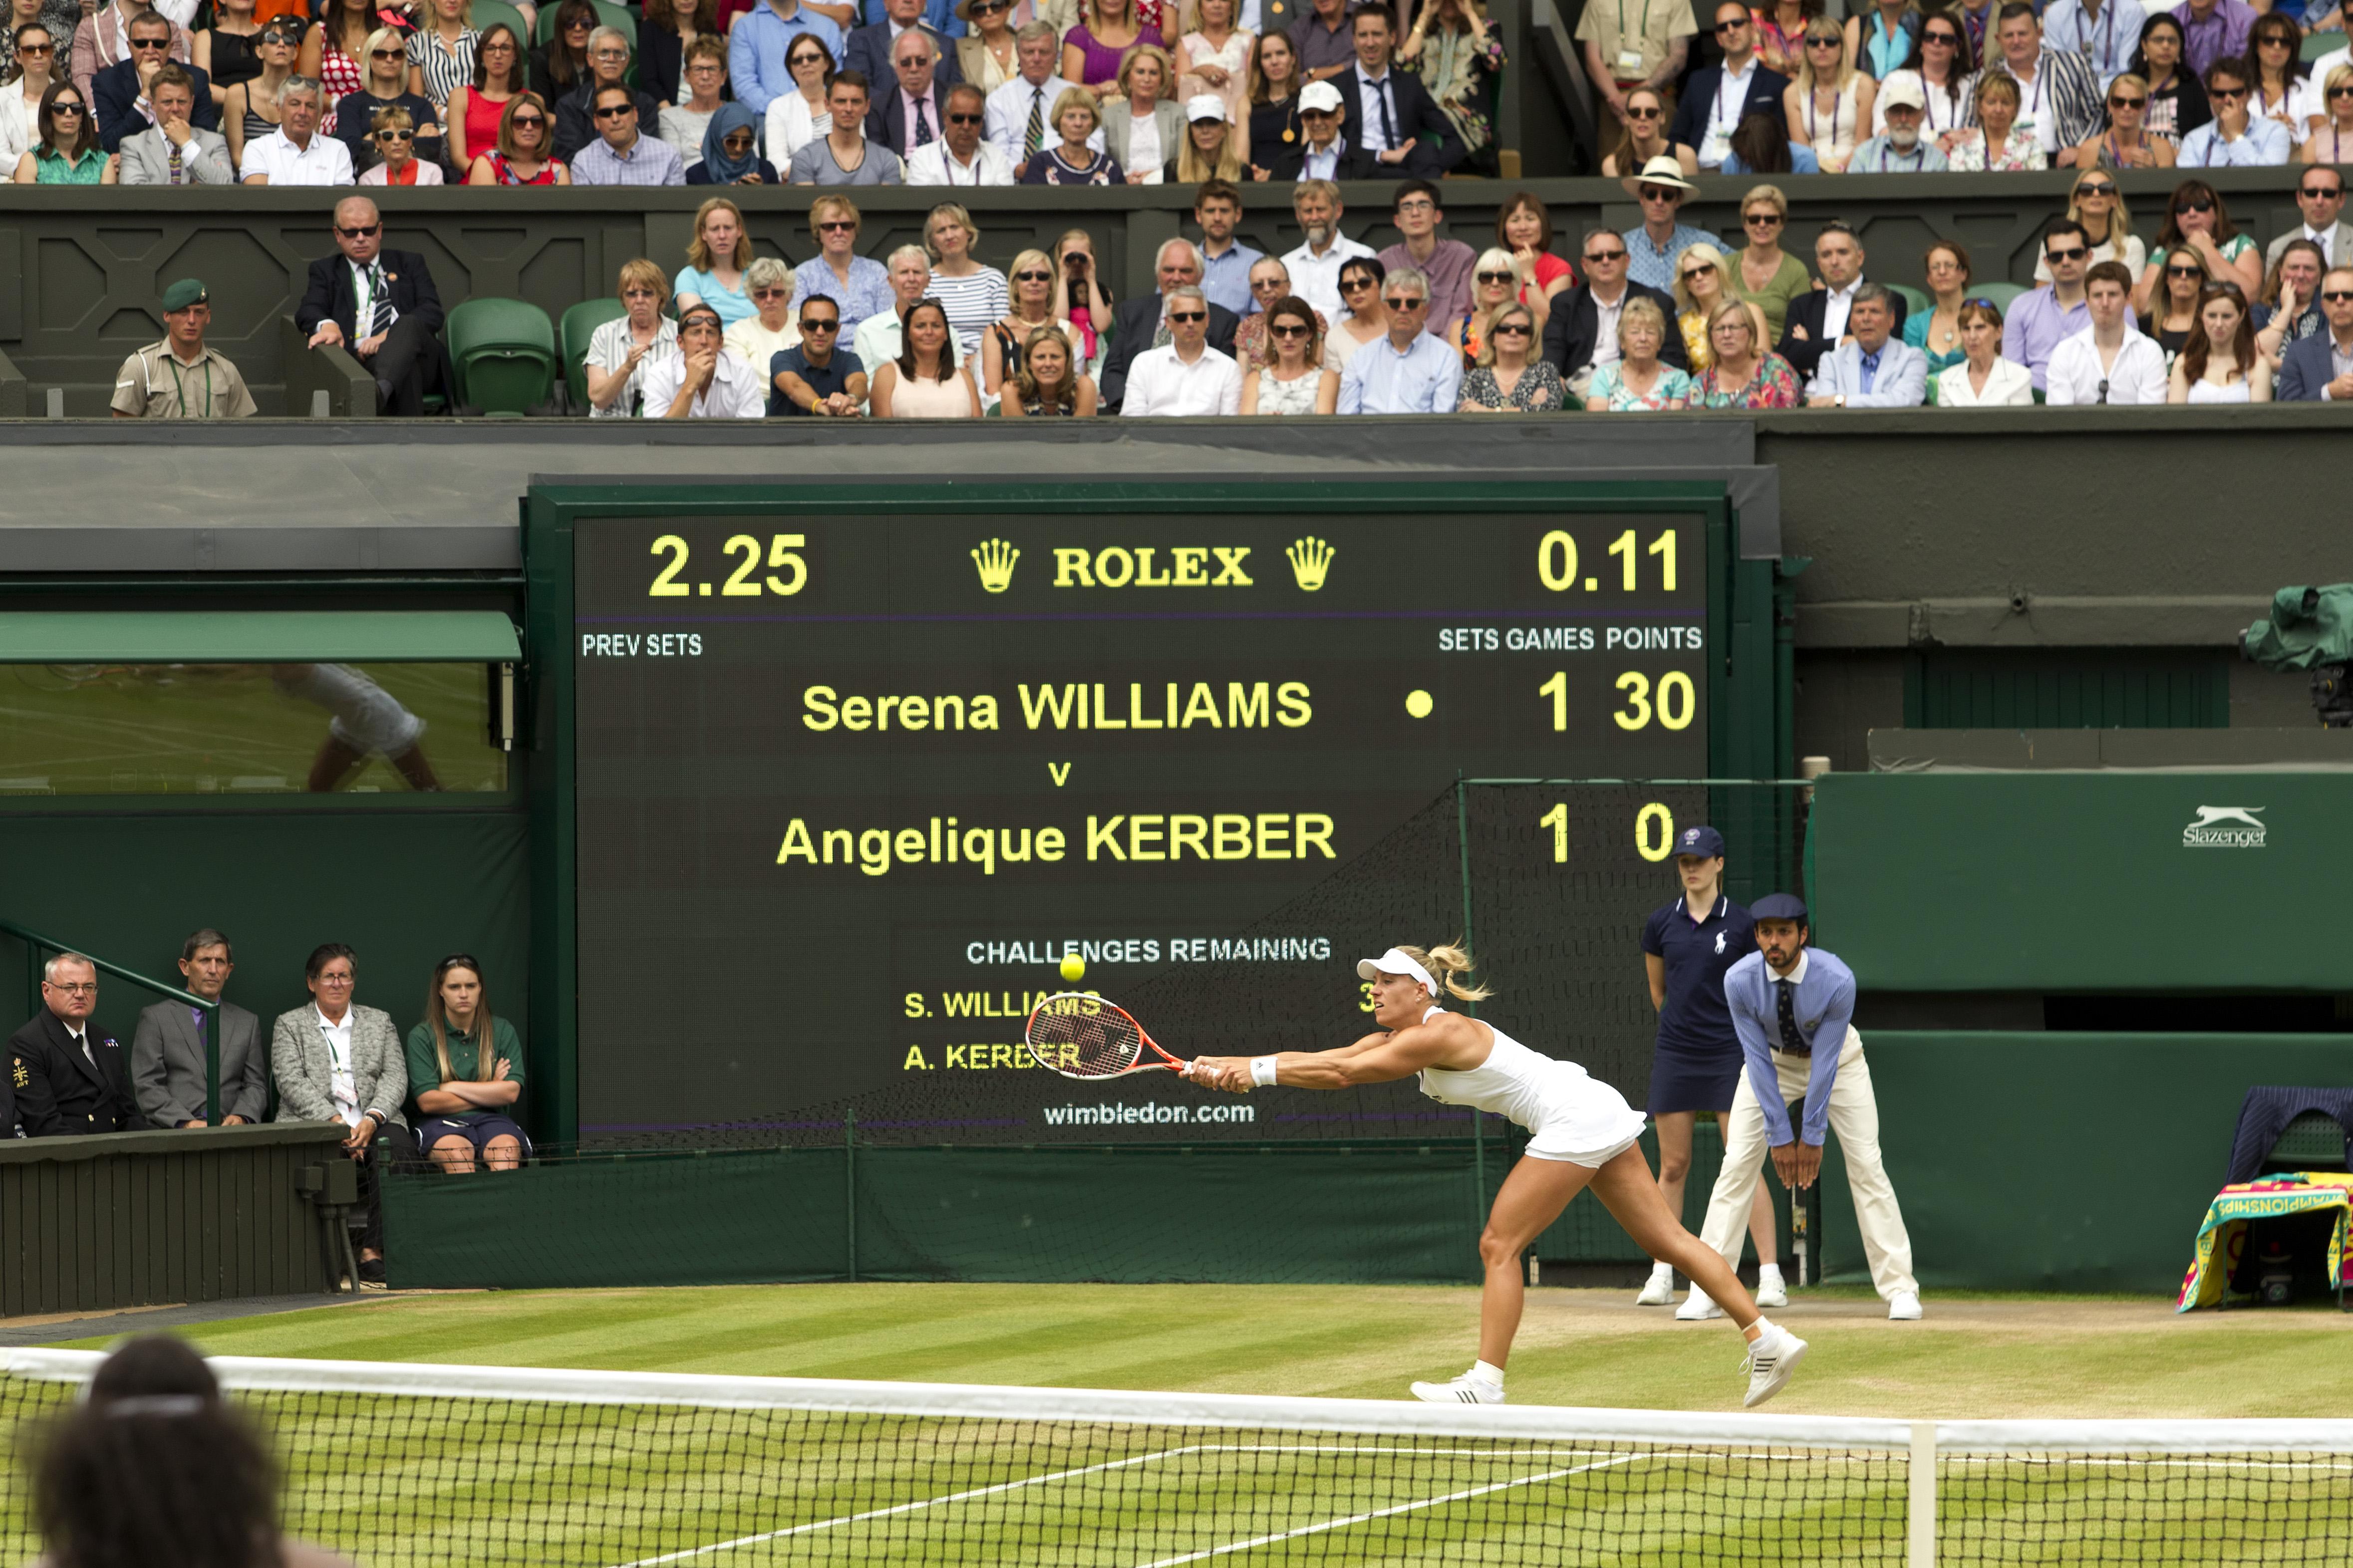 Tennis Scoreboard LED